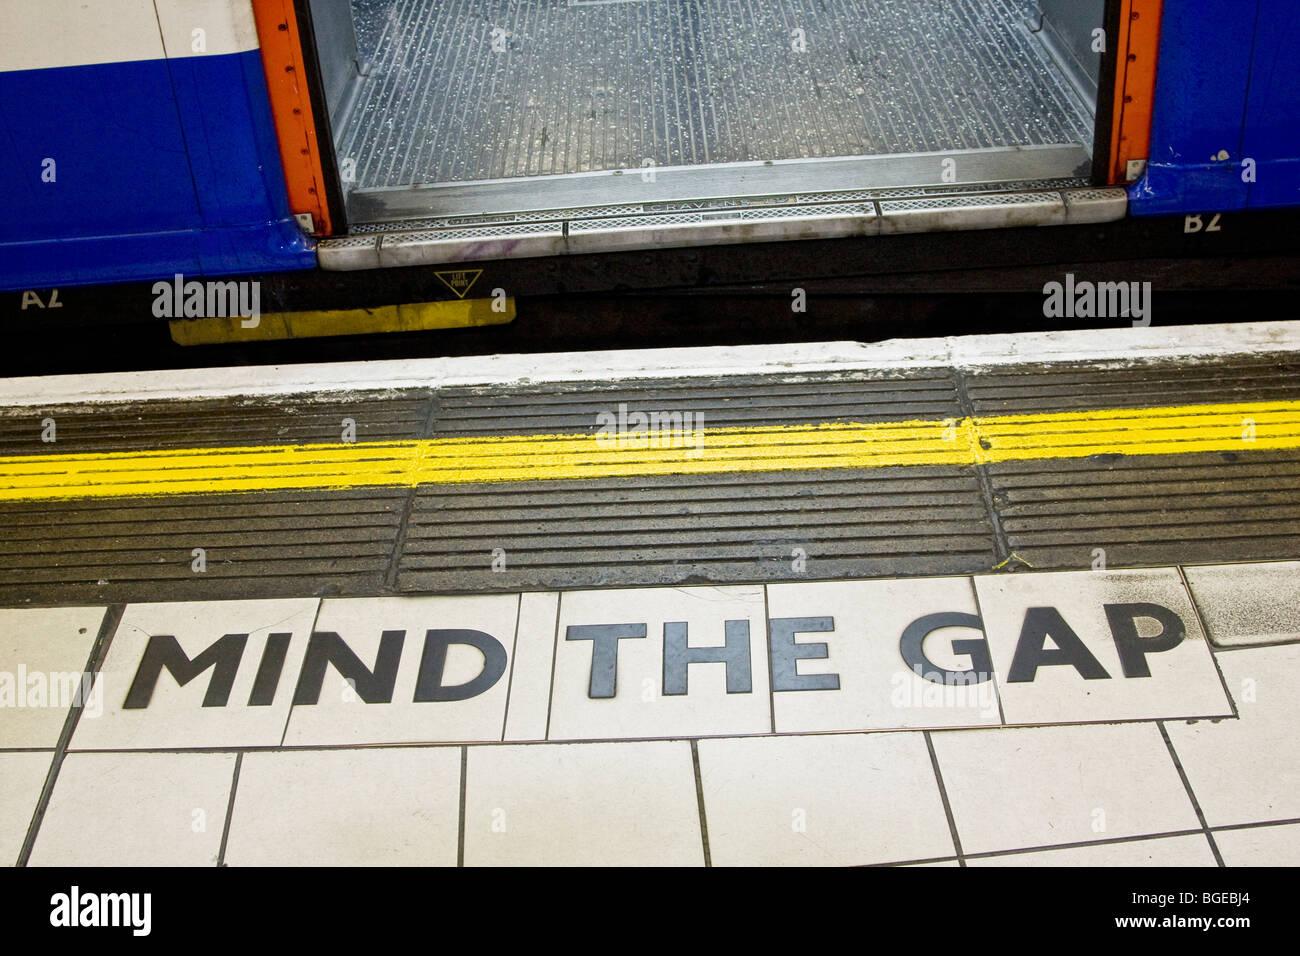 L'esprit l'écart signe entre train et une plate-forme dans le métro de Londres. Photo Stock